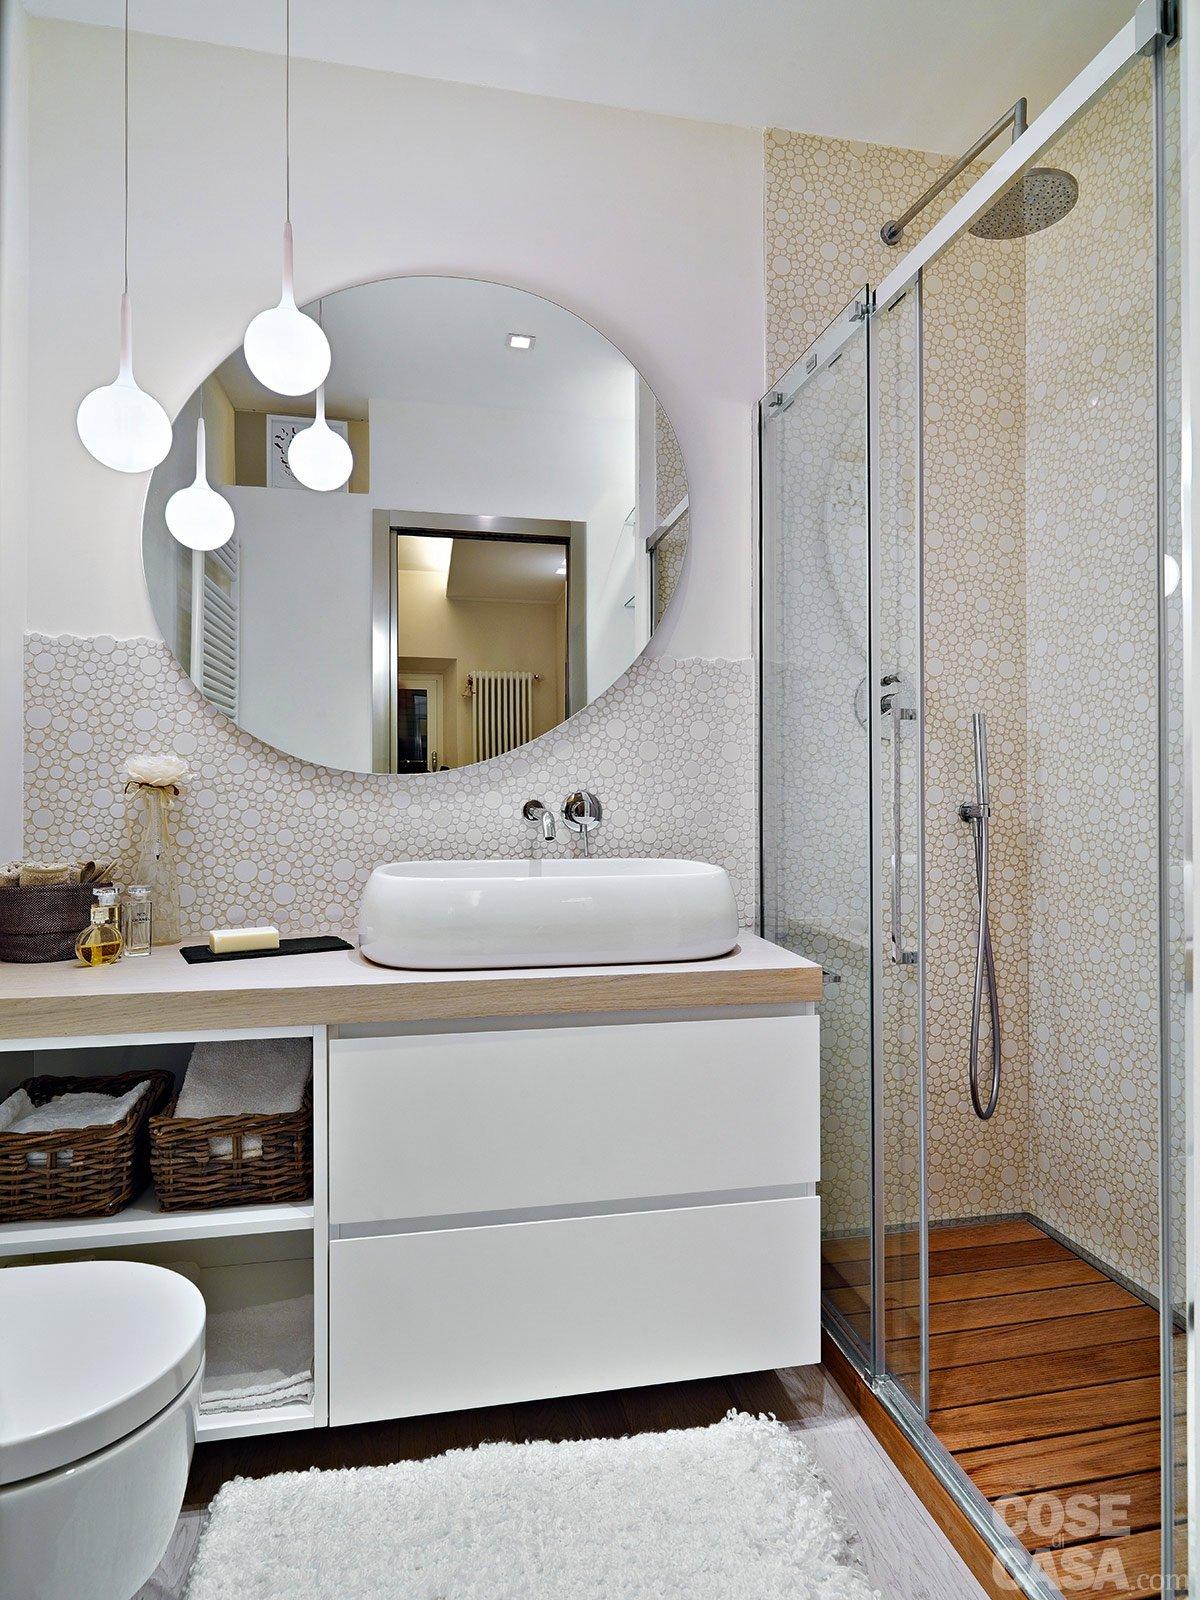 50 mq obiettivo massimo comfort cose di casa - Ristrutturare bagno piccolo ...